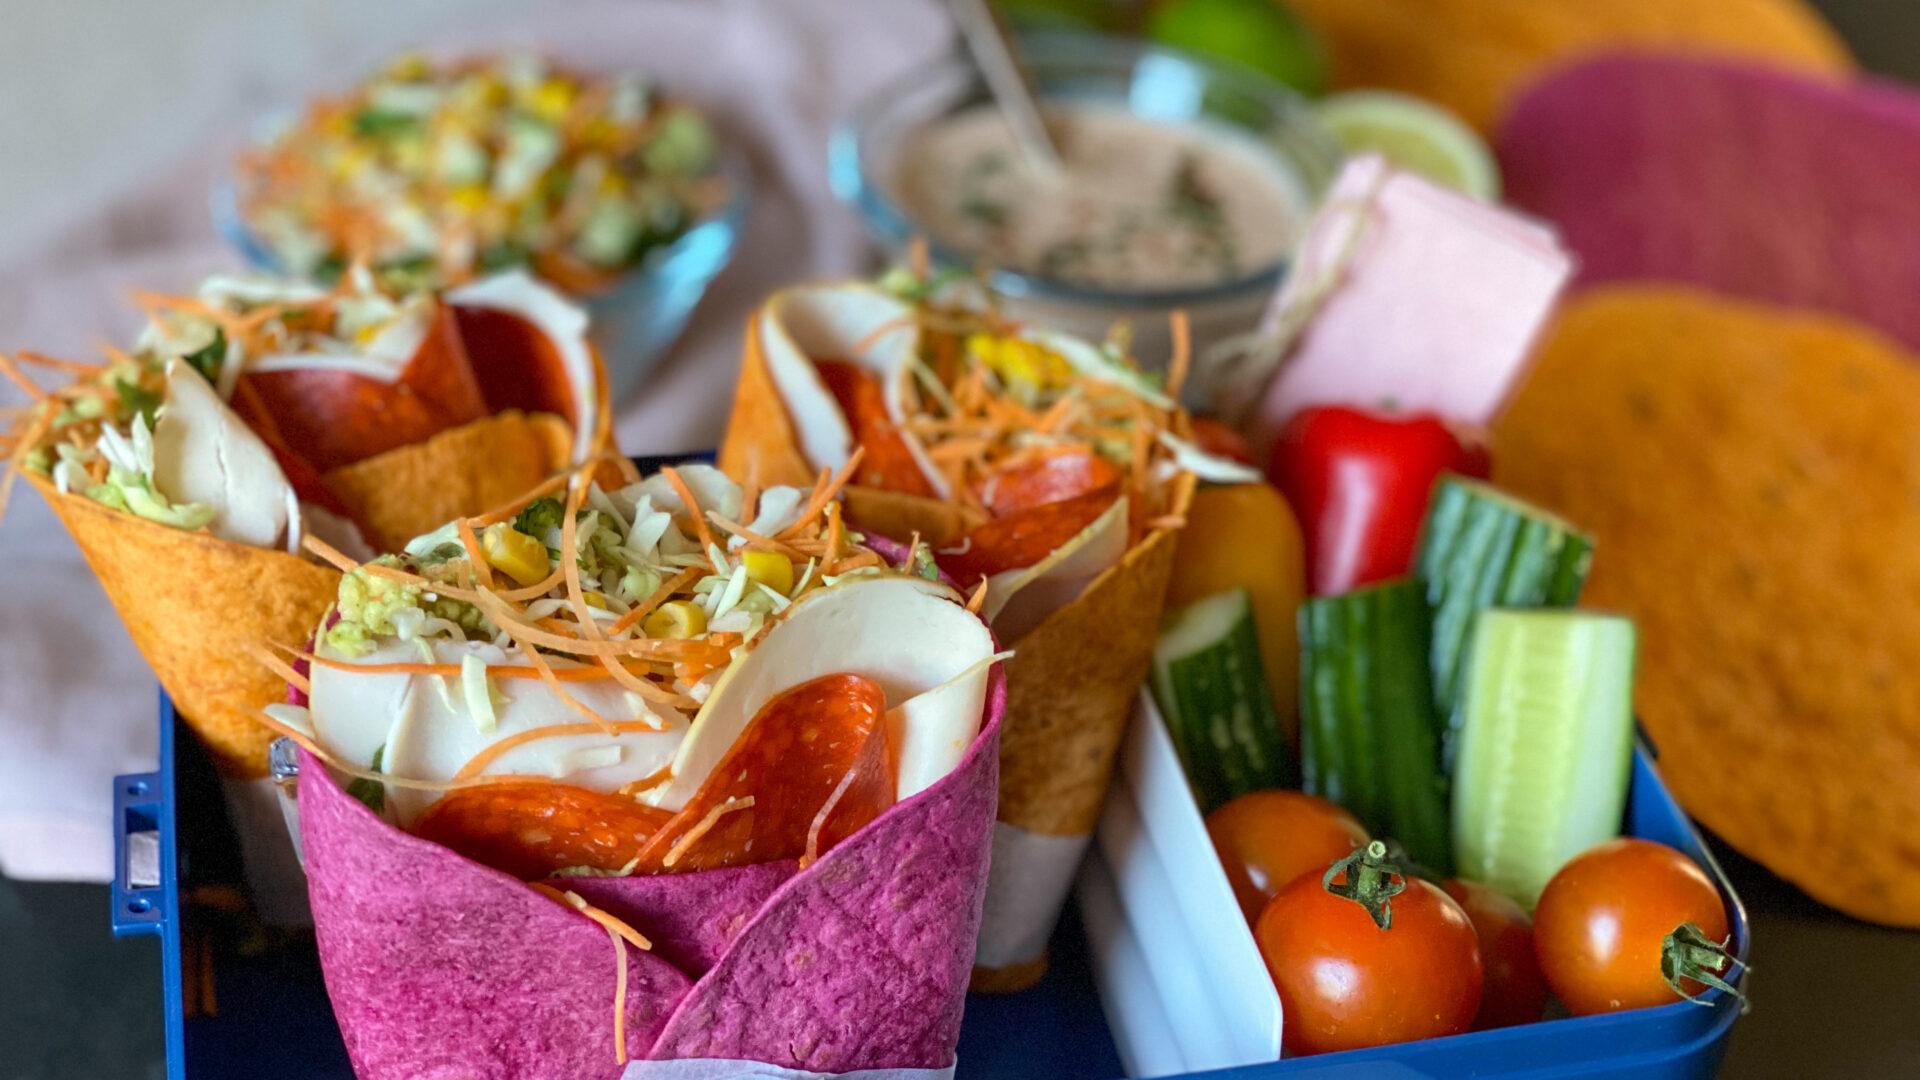 Verantwoorde lunch tortilla wraps: eet lekker veel groenten